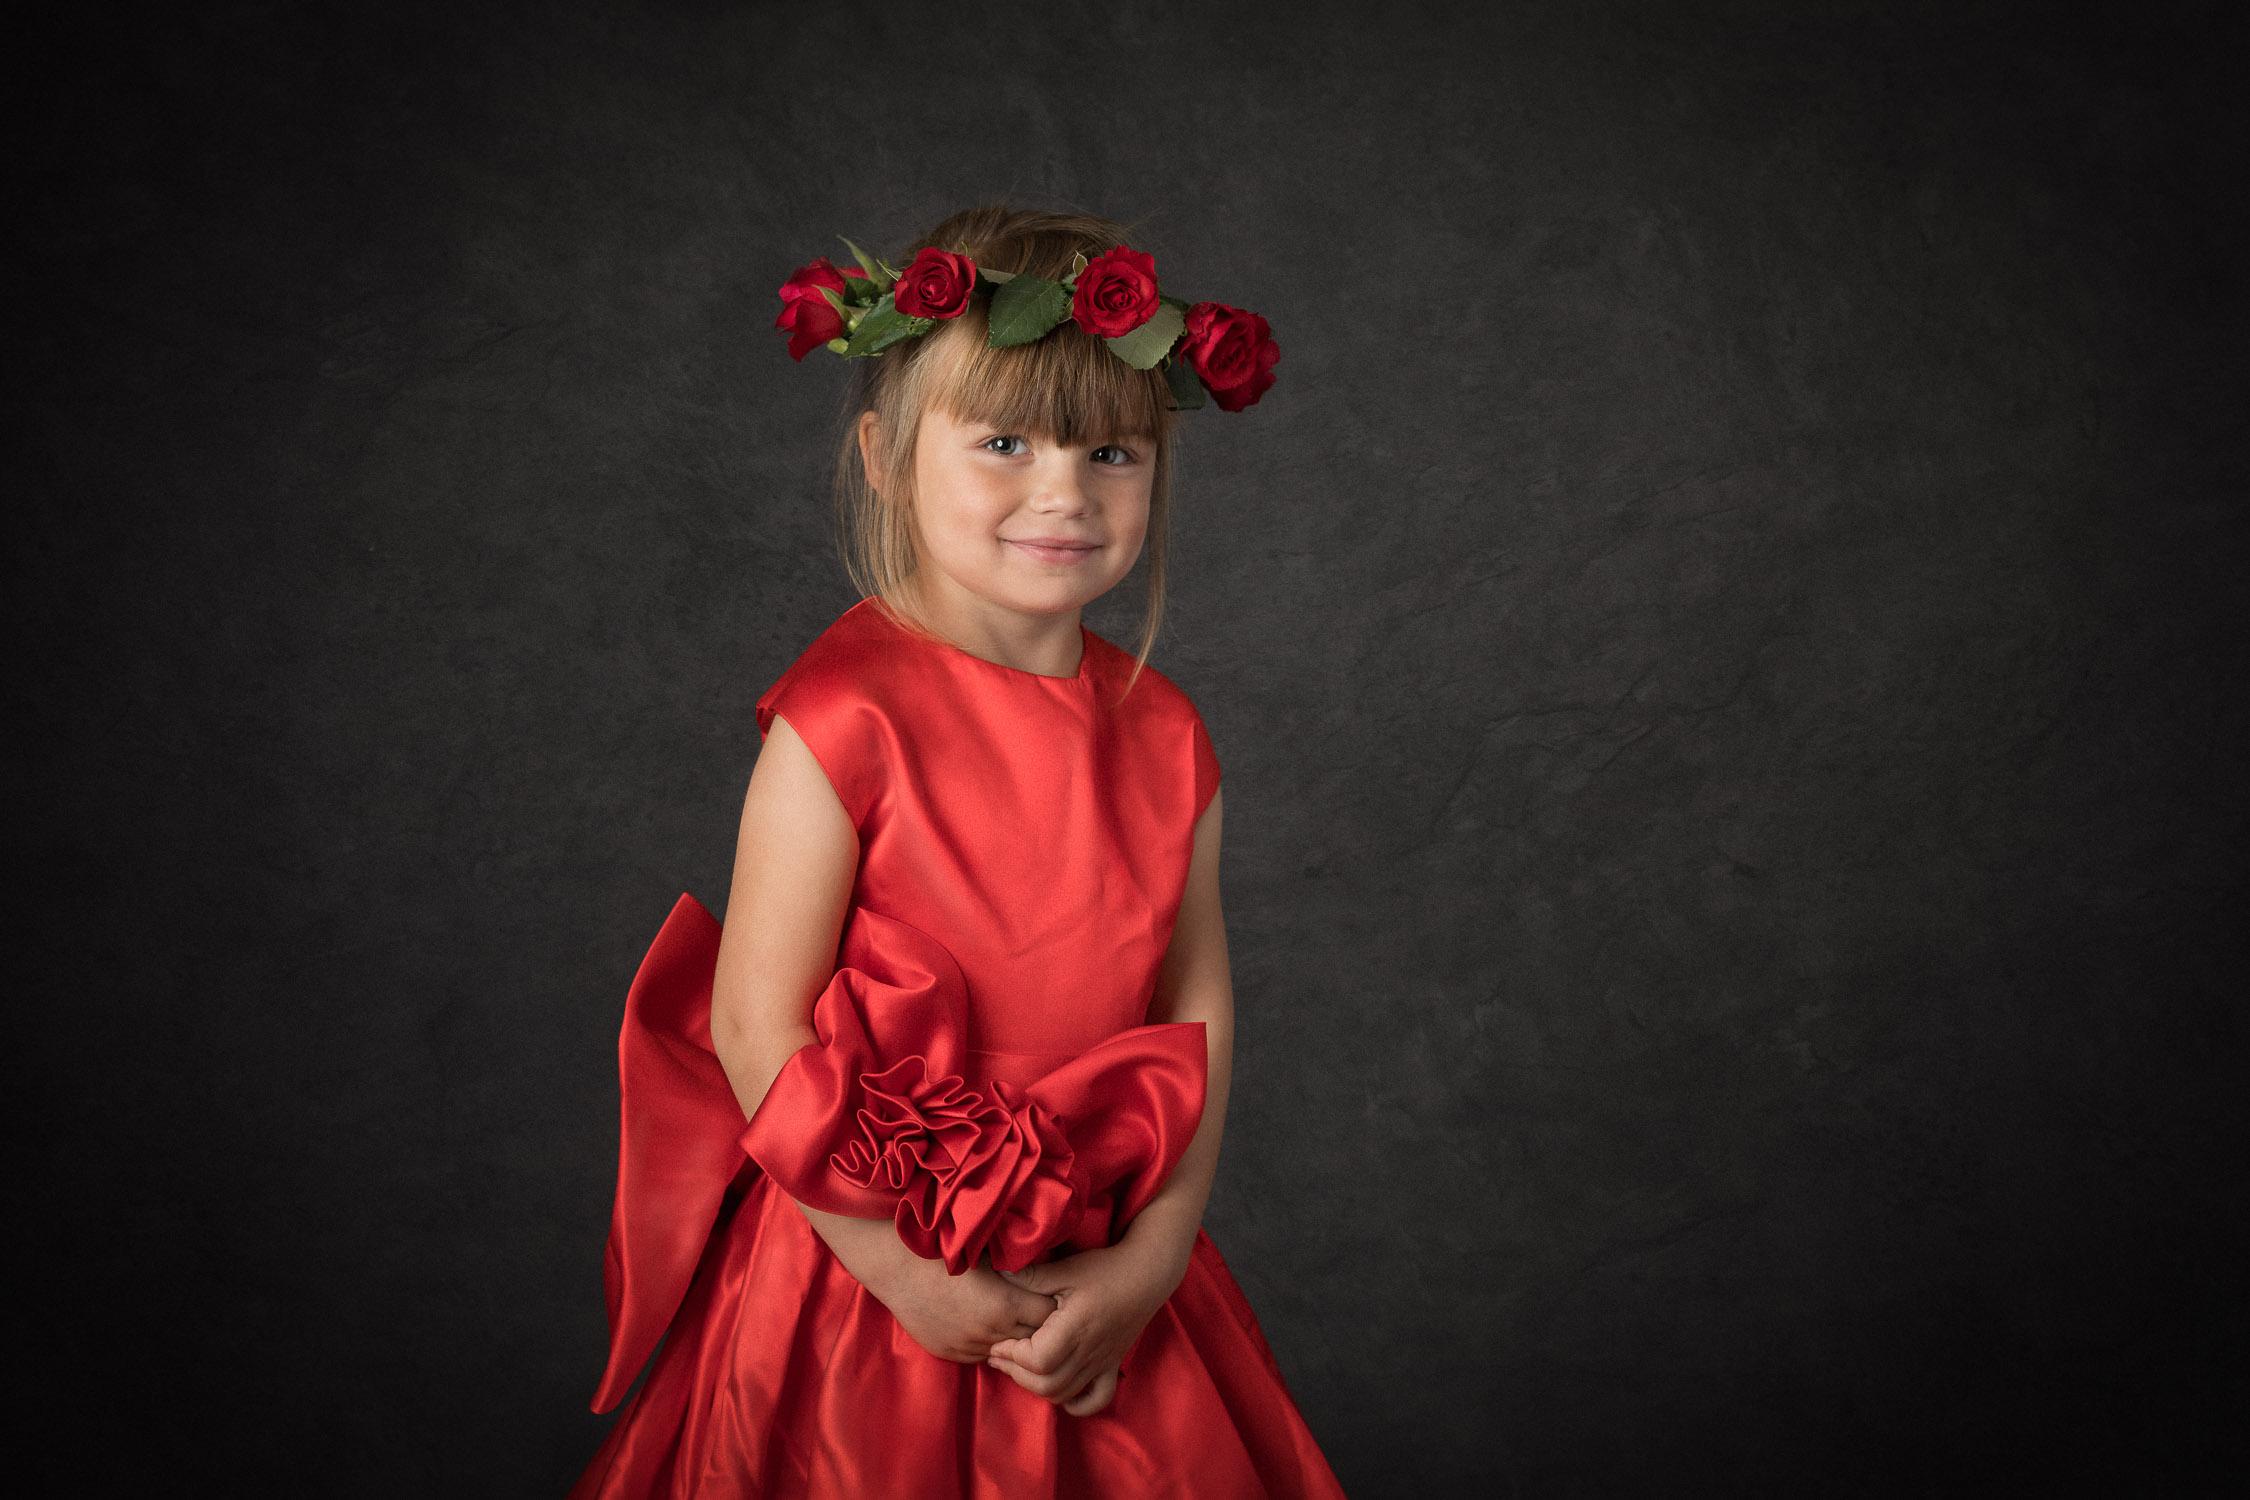 barn-ettaar-1-barnefotograf-barnefotografering-to-fotograf---28.jpg